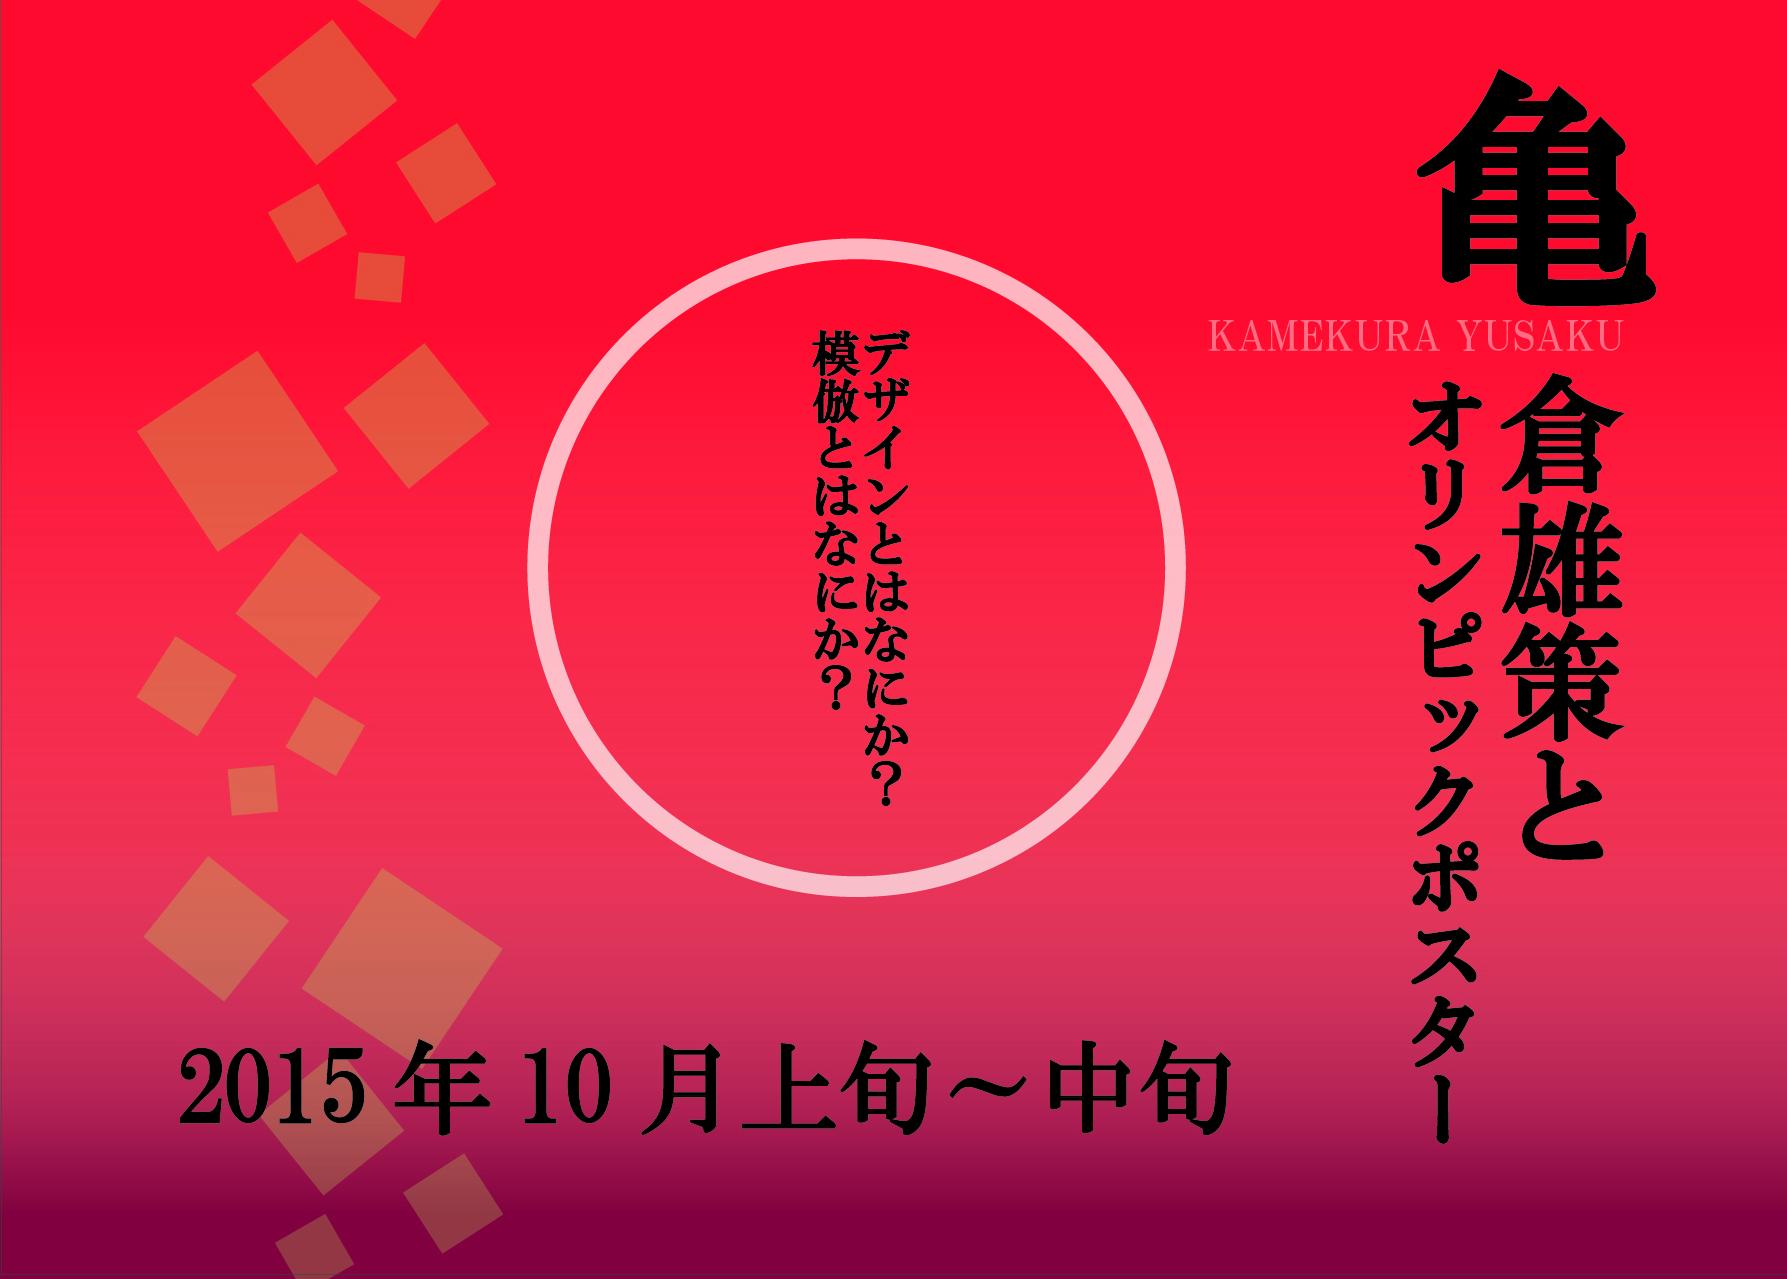 亀倉雄策とオリンピックポスター